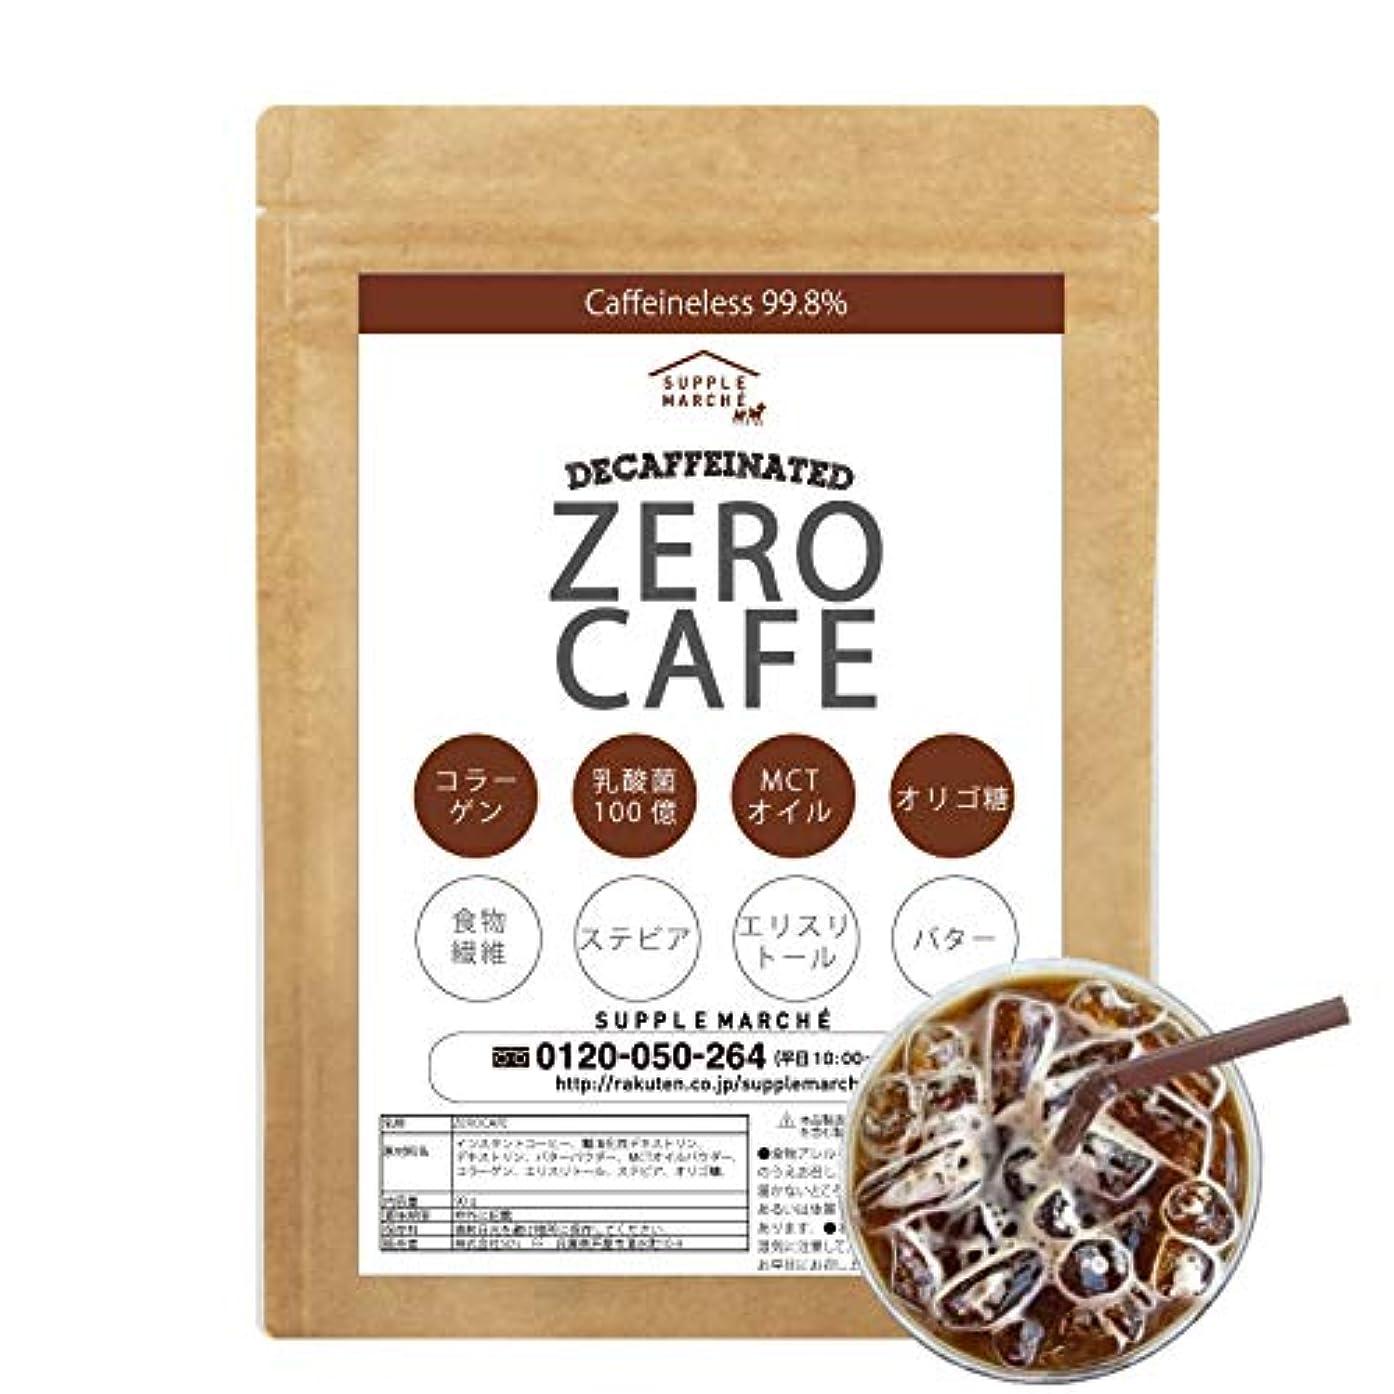 意見核裁判所ダイエットコーヒー デカフェ バターコーヒー 90g (約30杯) アイスコーヒー カフェインレス MCTオイル 乳酸菌 コラーゲン オリゴ糖 ダイエット シリコンバレー式